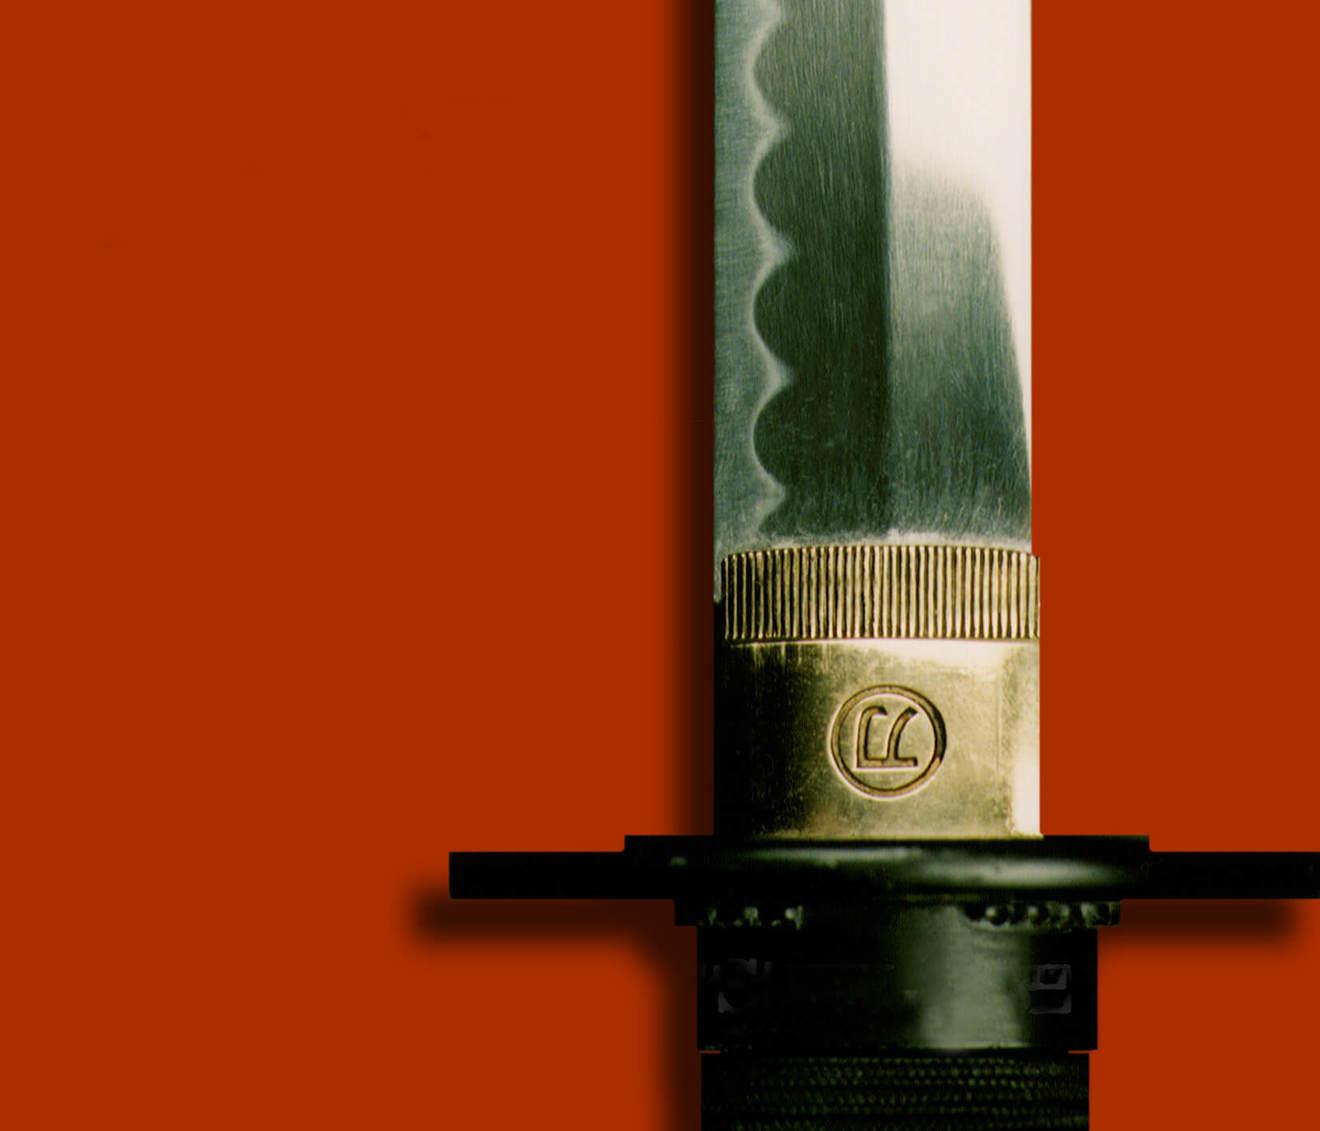 伊達政宗「遅れてきた戦国大名」に関する小説5作品